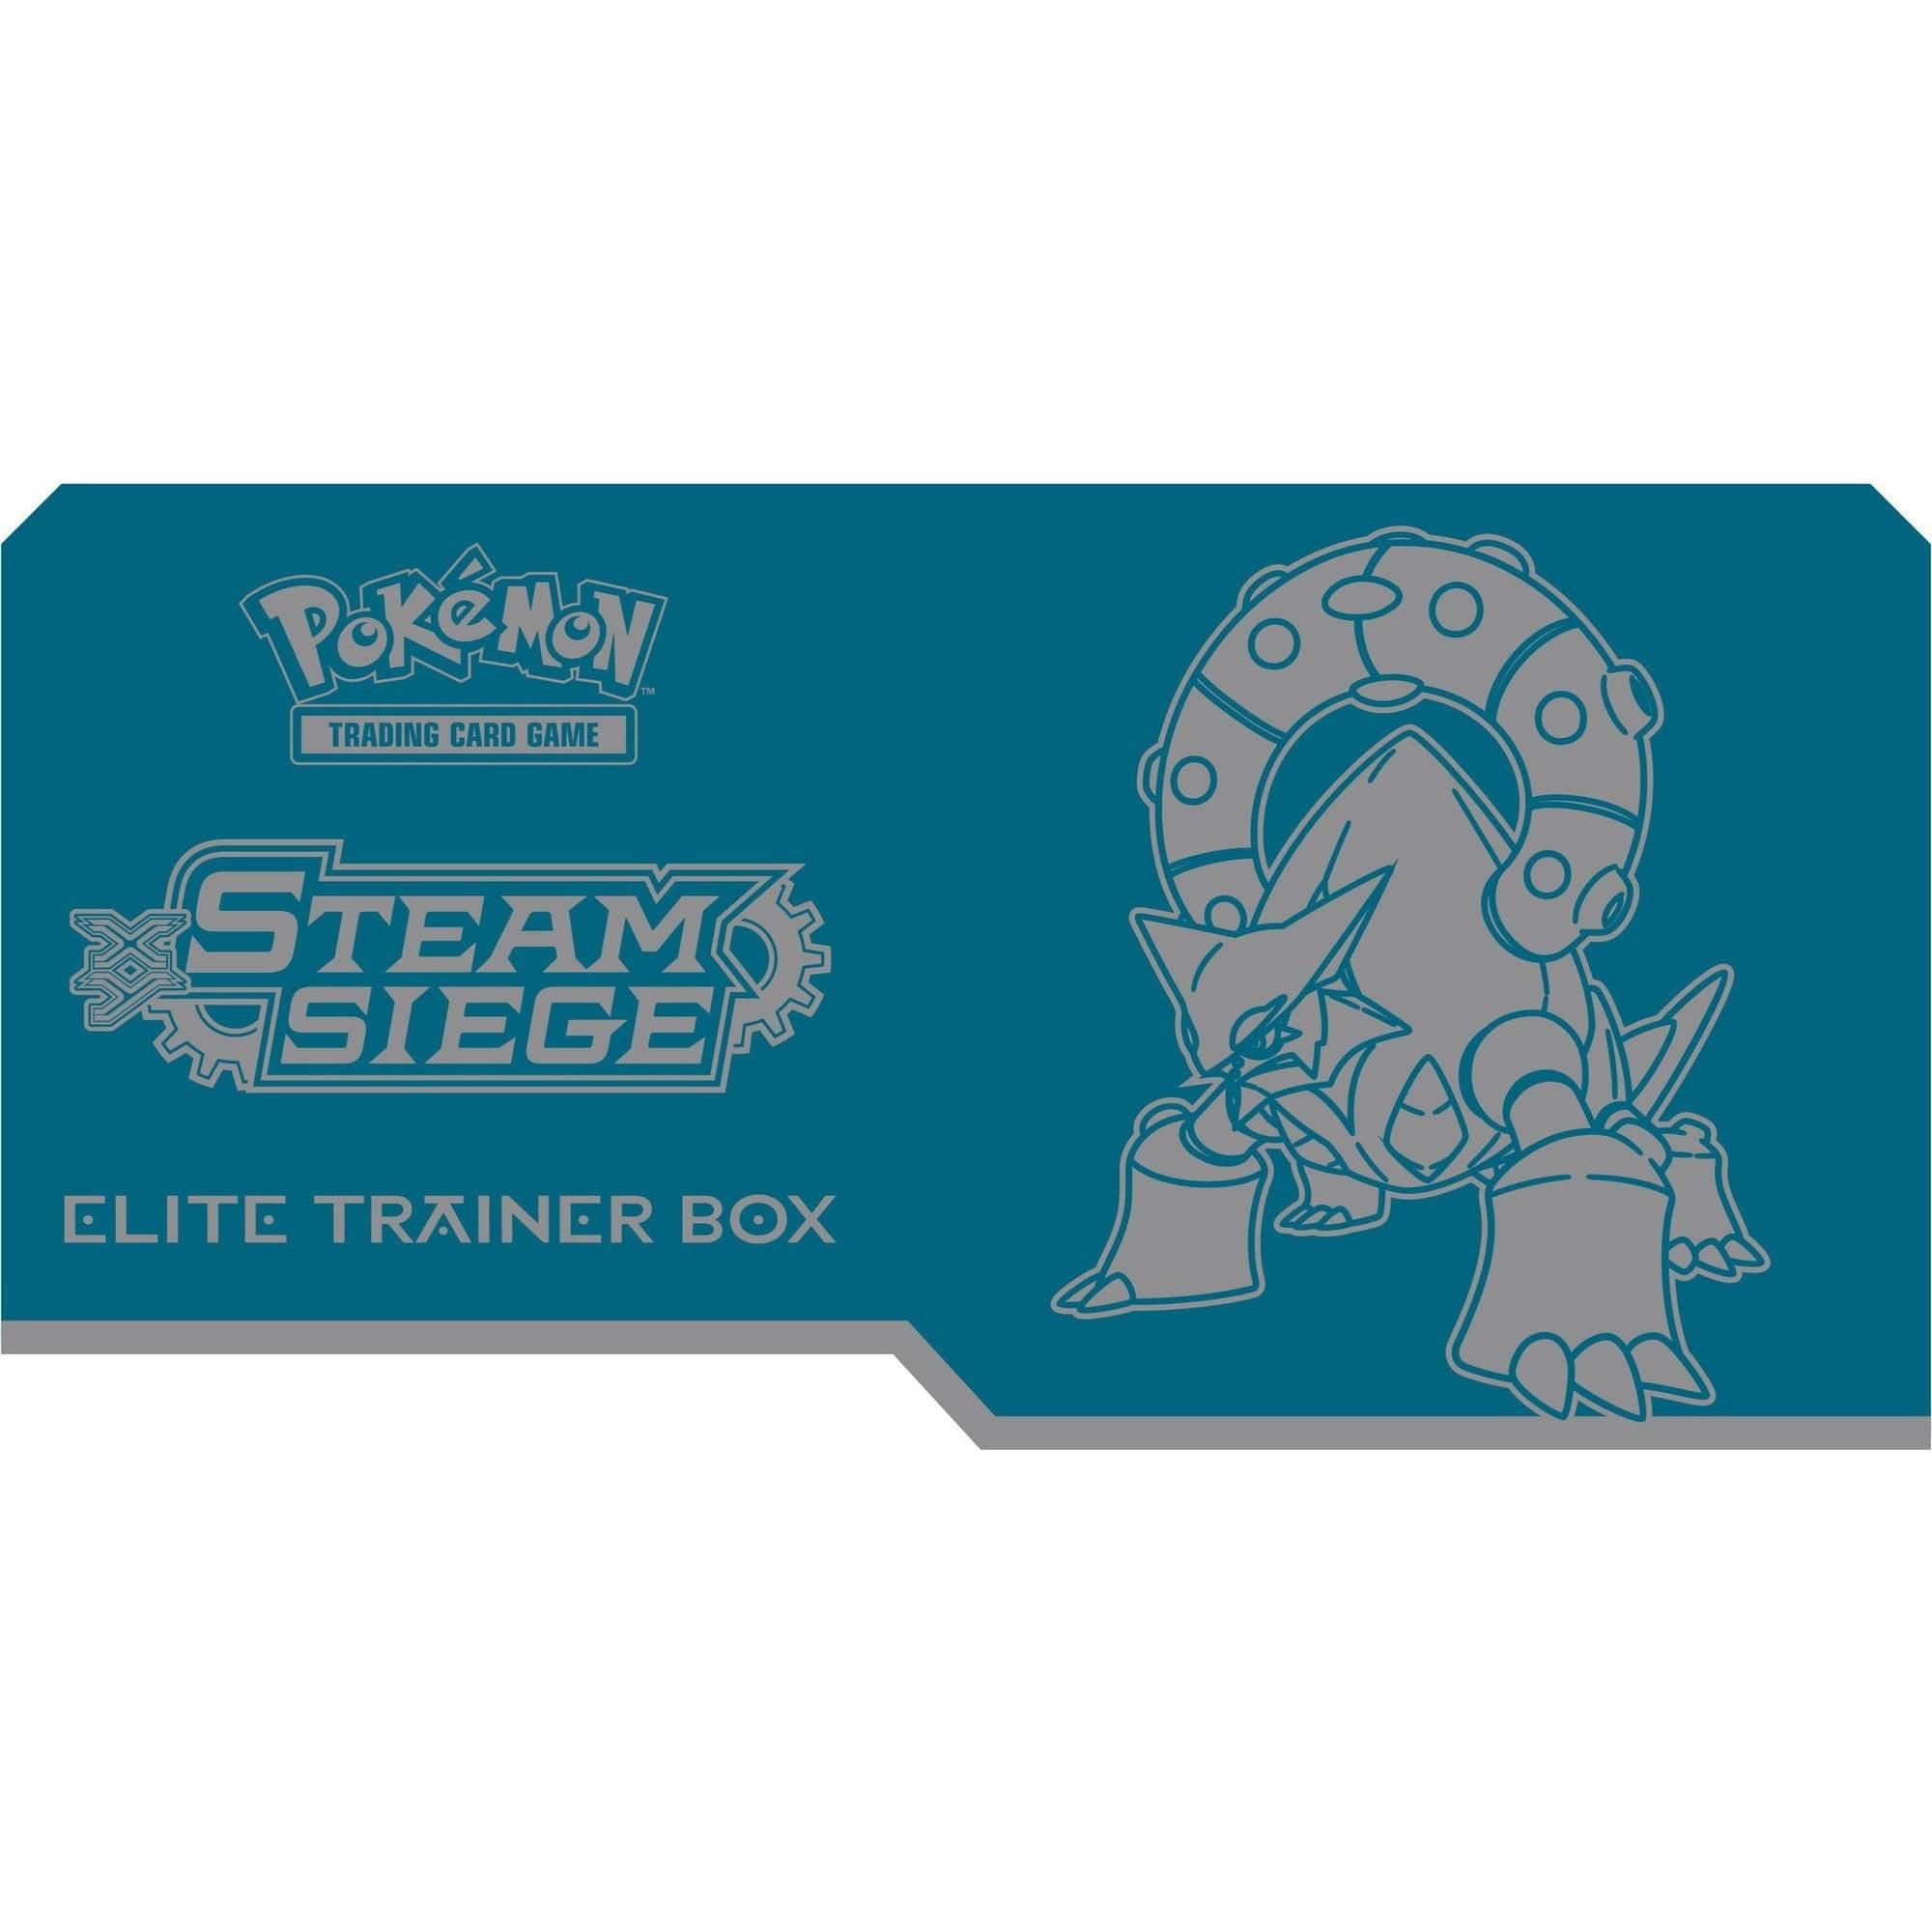 Pokemon XY Steam Siege Elite Trainer Box